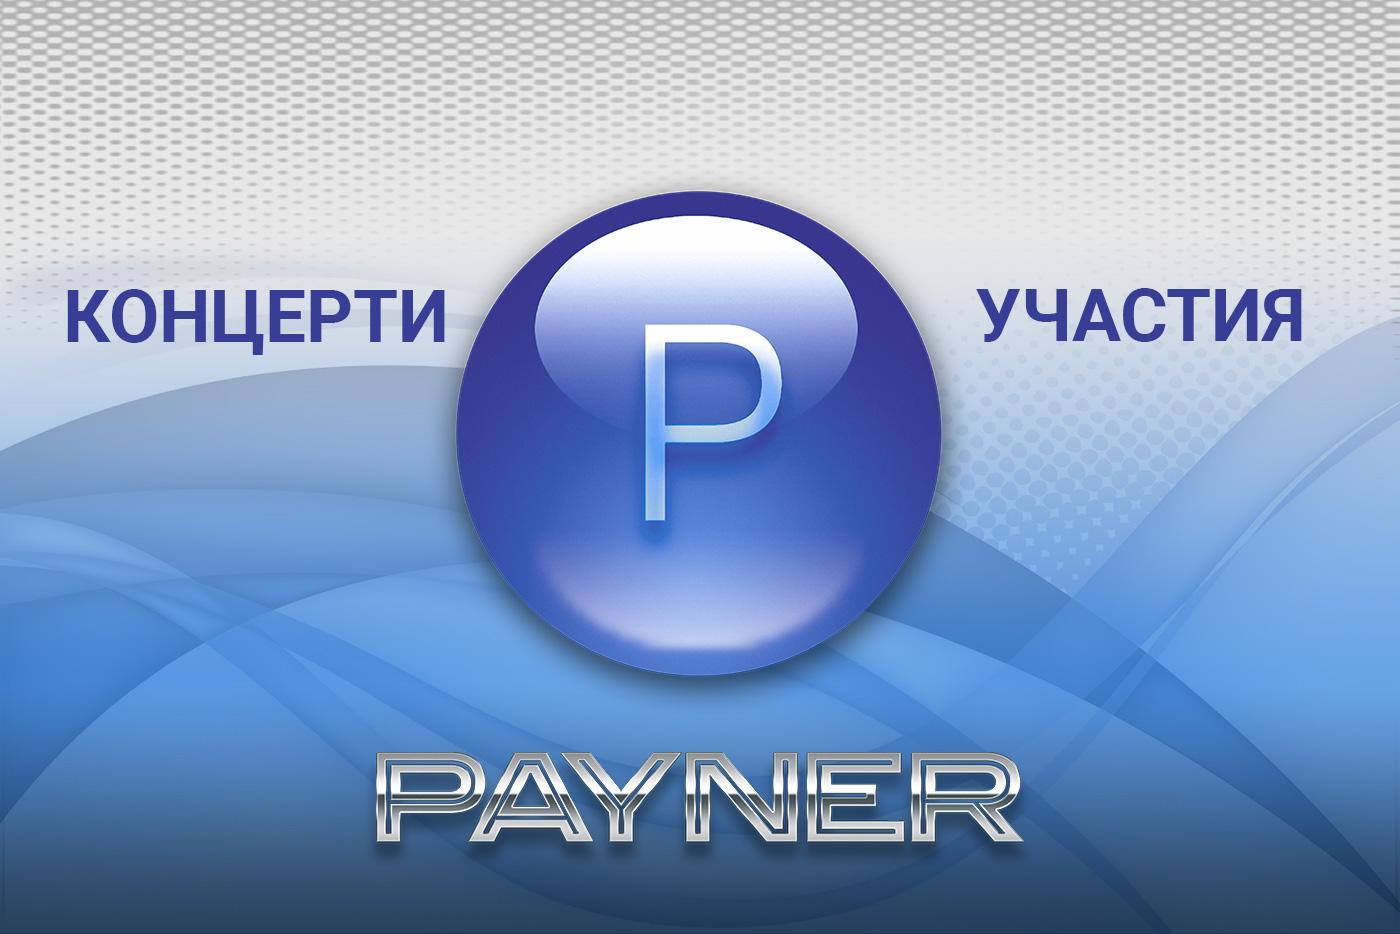 """Участия на звездите на """"Пайнер"""" на 05.11.2018"""